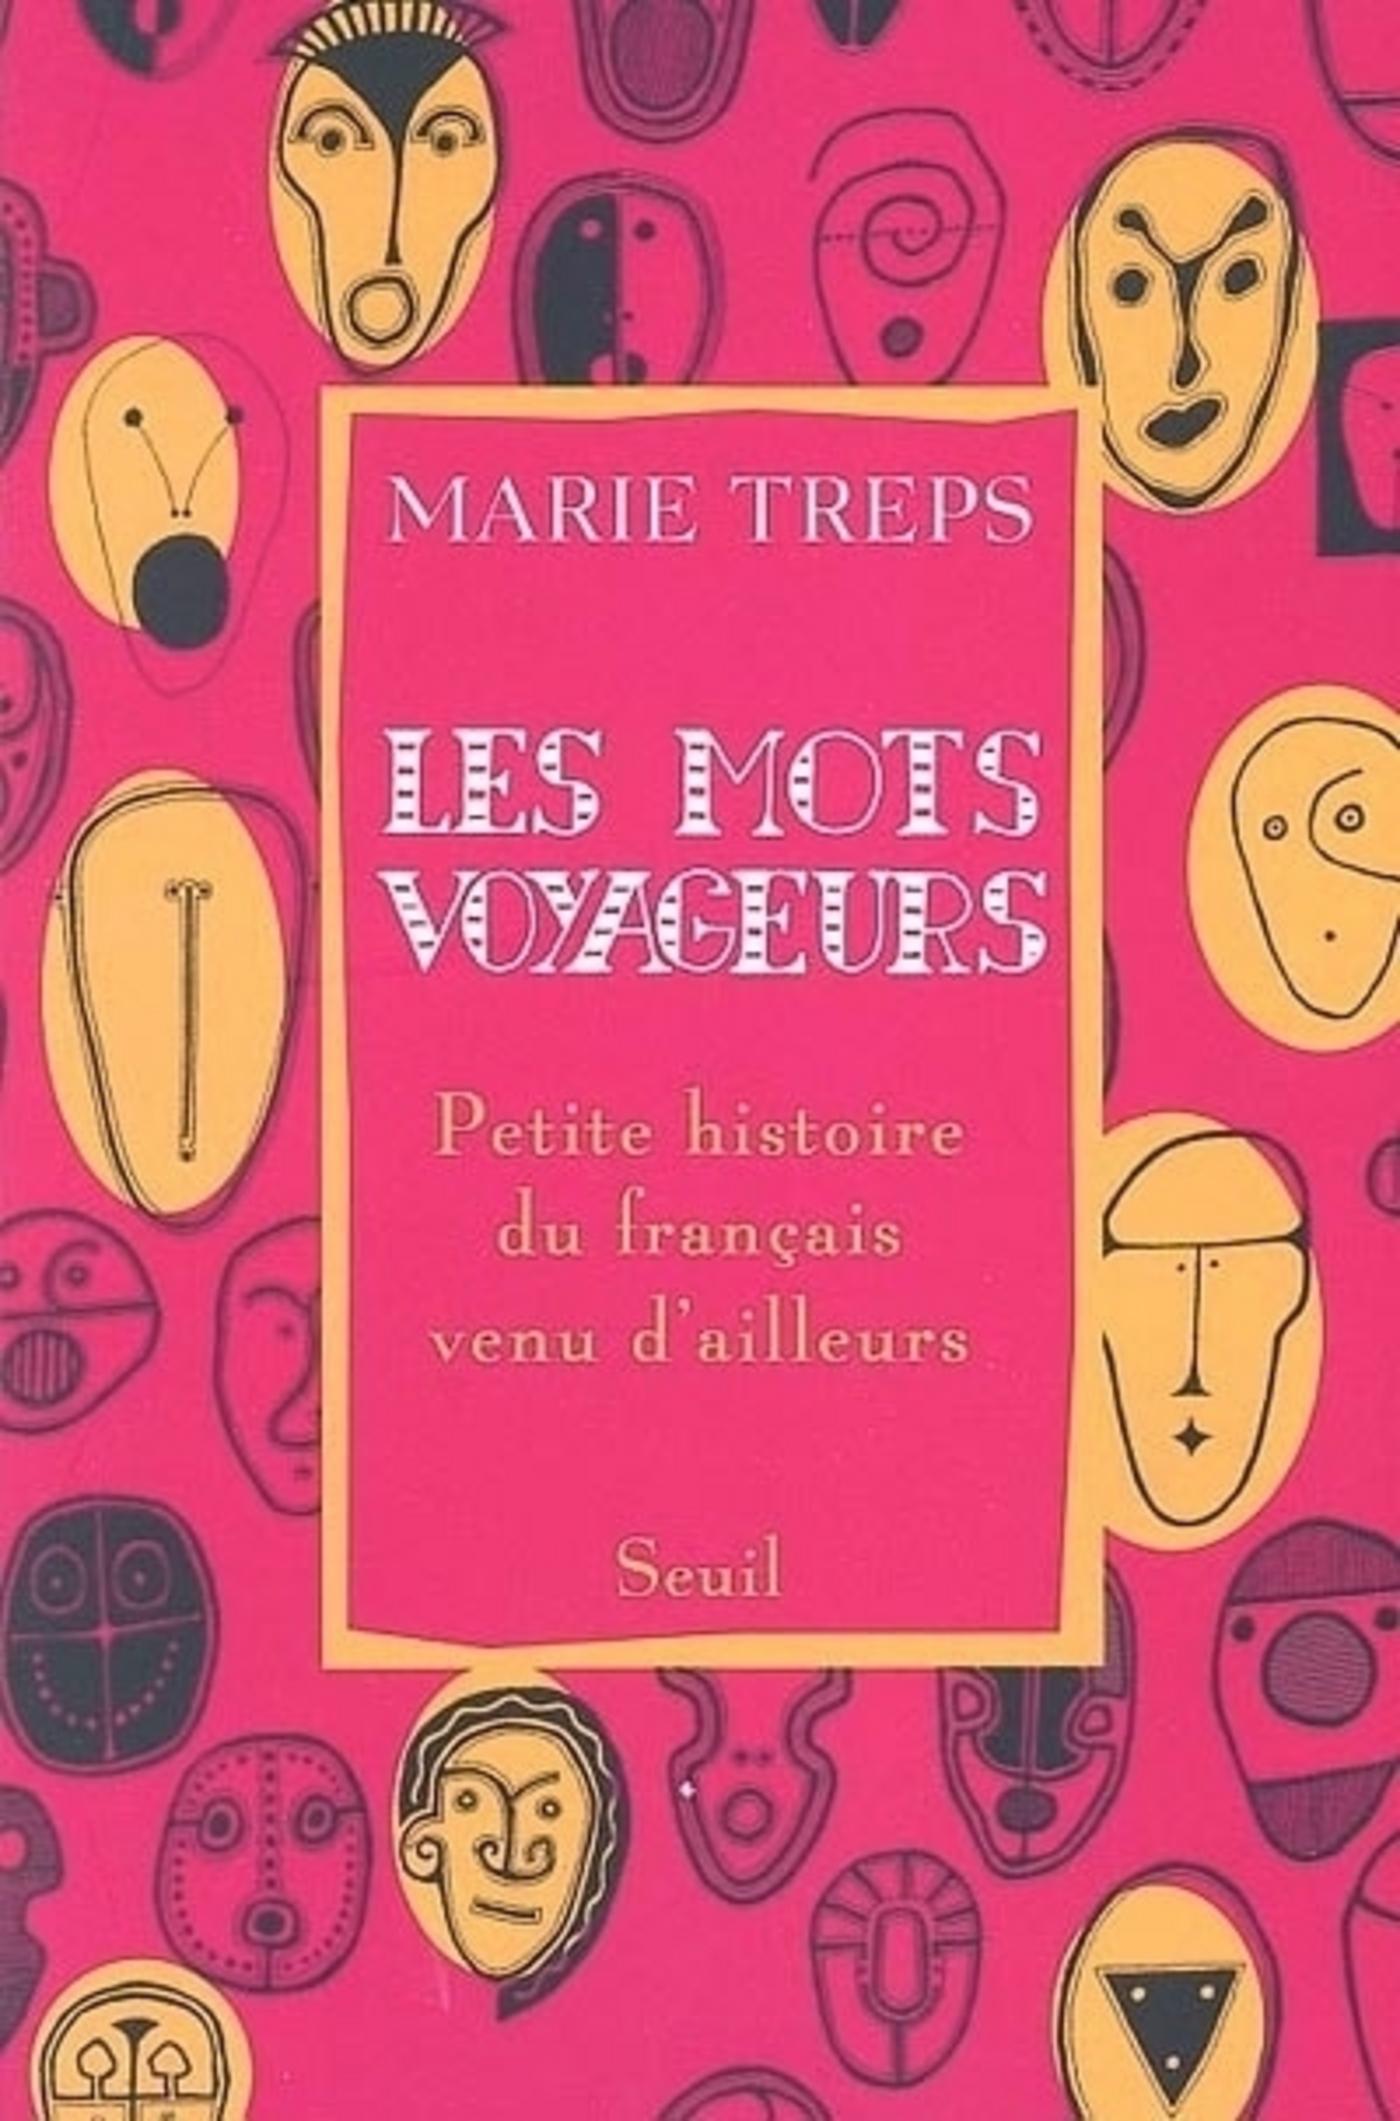 Les Mots voyageurs. Petite histoire du français venu d'ailleurs